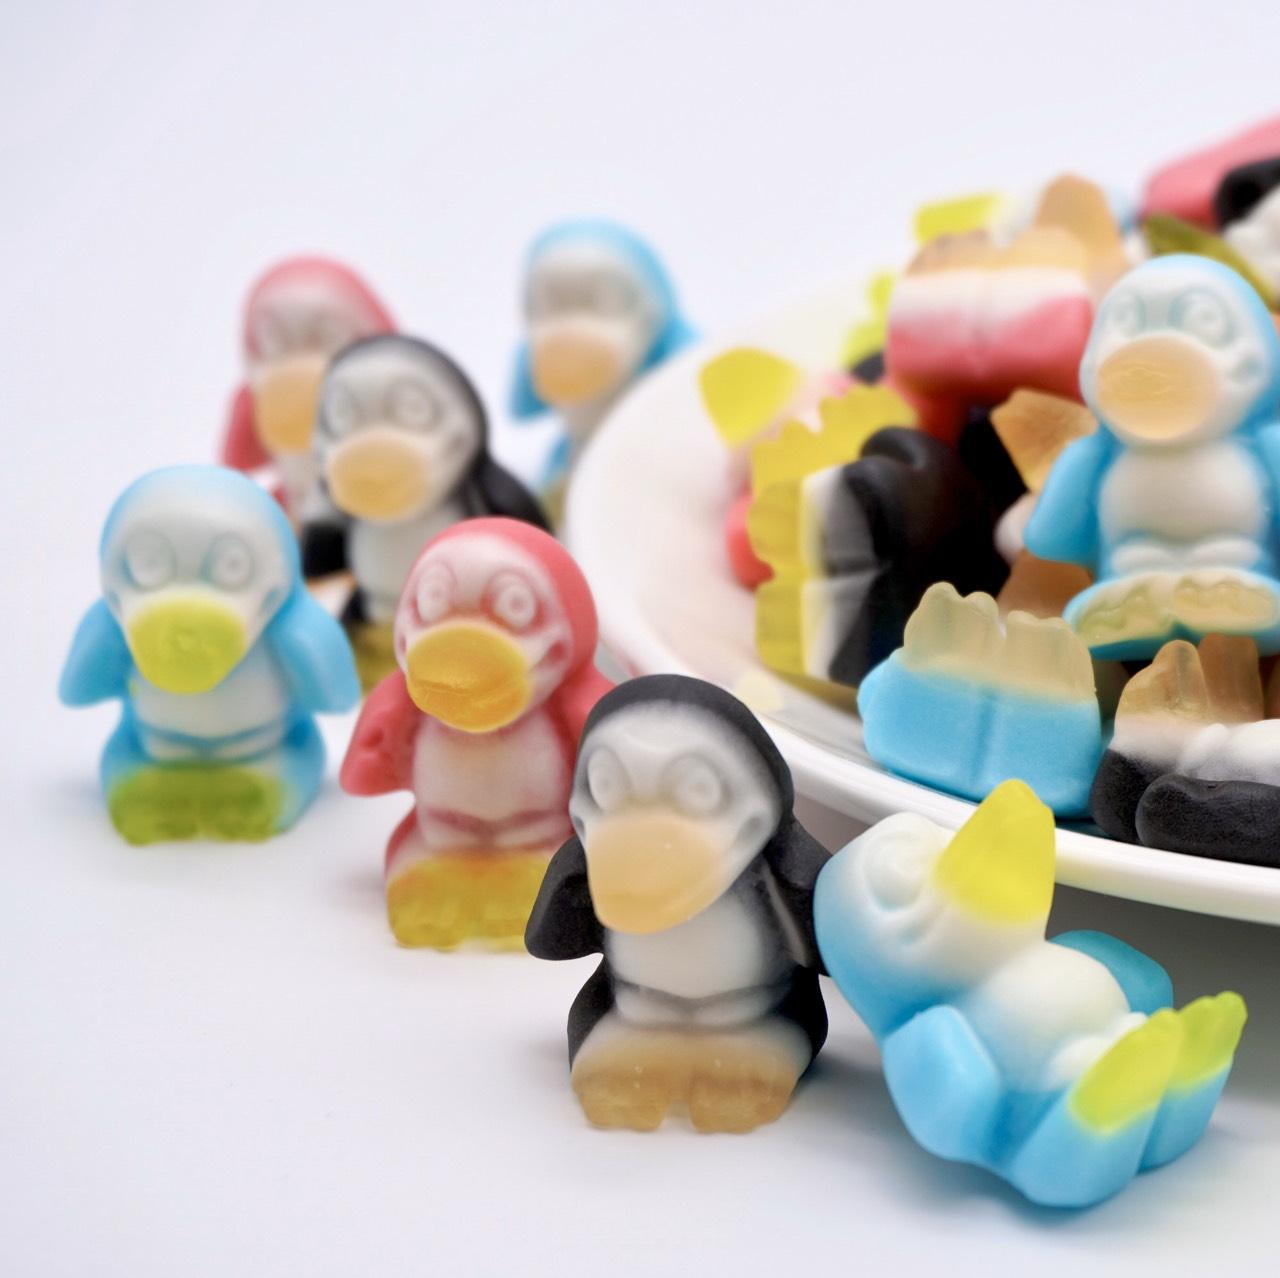 嘴甜甜 Trolli企鵝軟糖 200公克 造型系列 企鵝軍團 水果軟糖 造型QQ糖 德國軟糖 軟糖 QQ糖 小熊軟糖 現貨